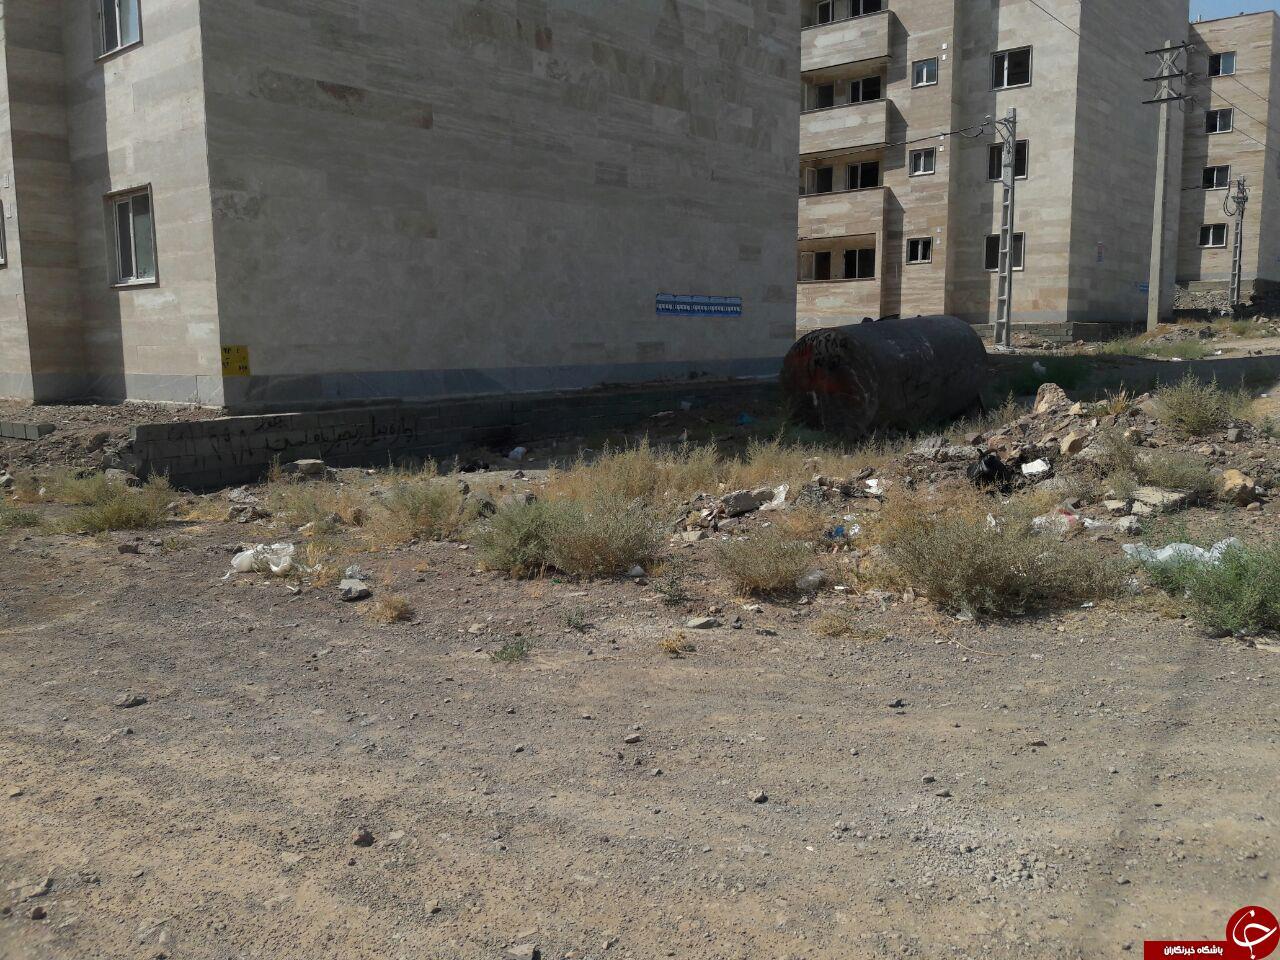 وضعیت اسفبار مسکن مهر صفادشت + تصاویر